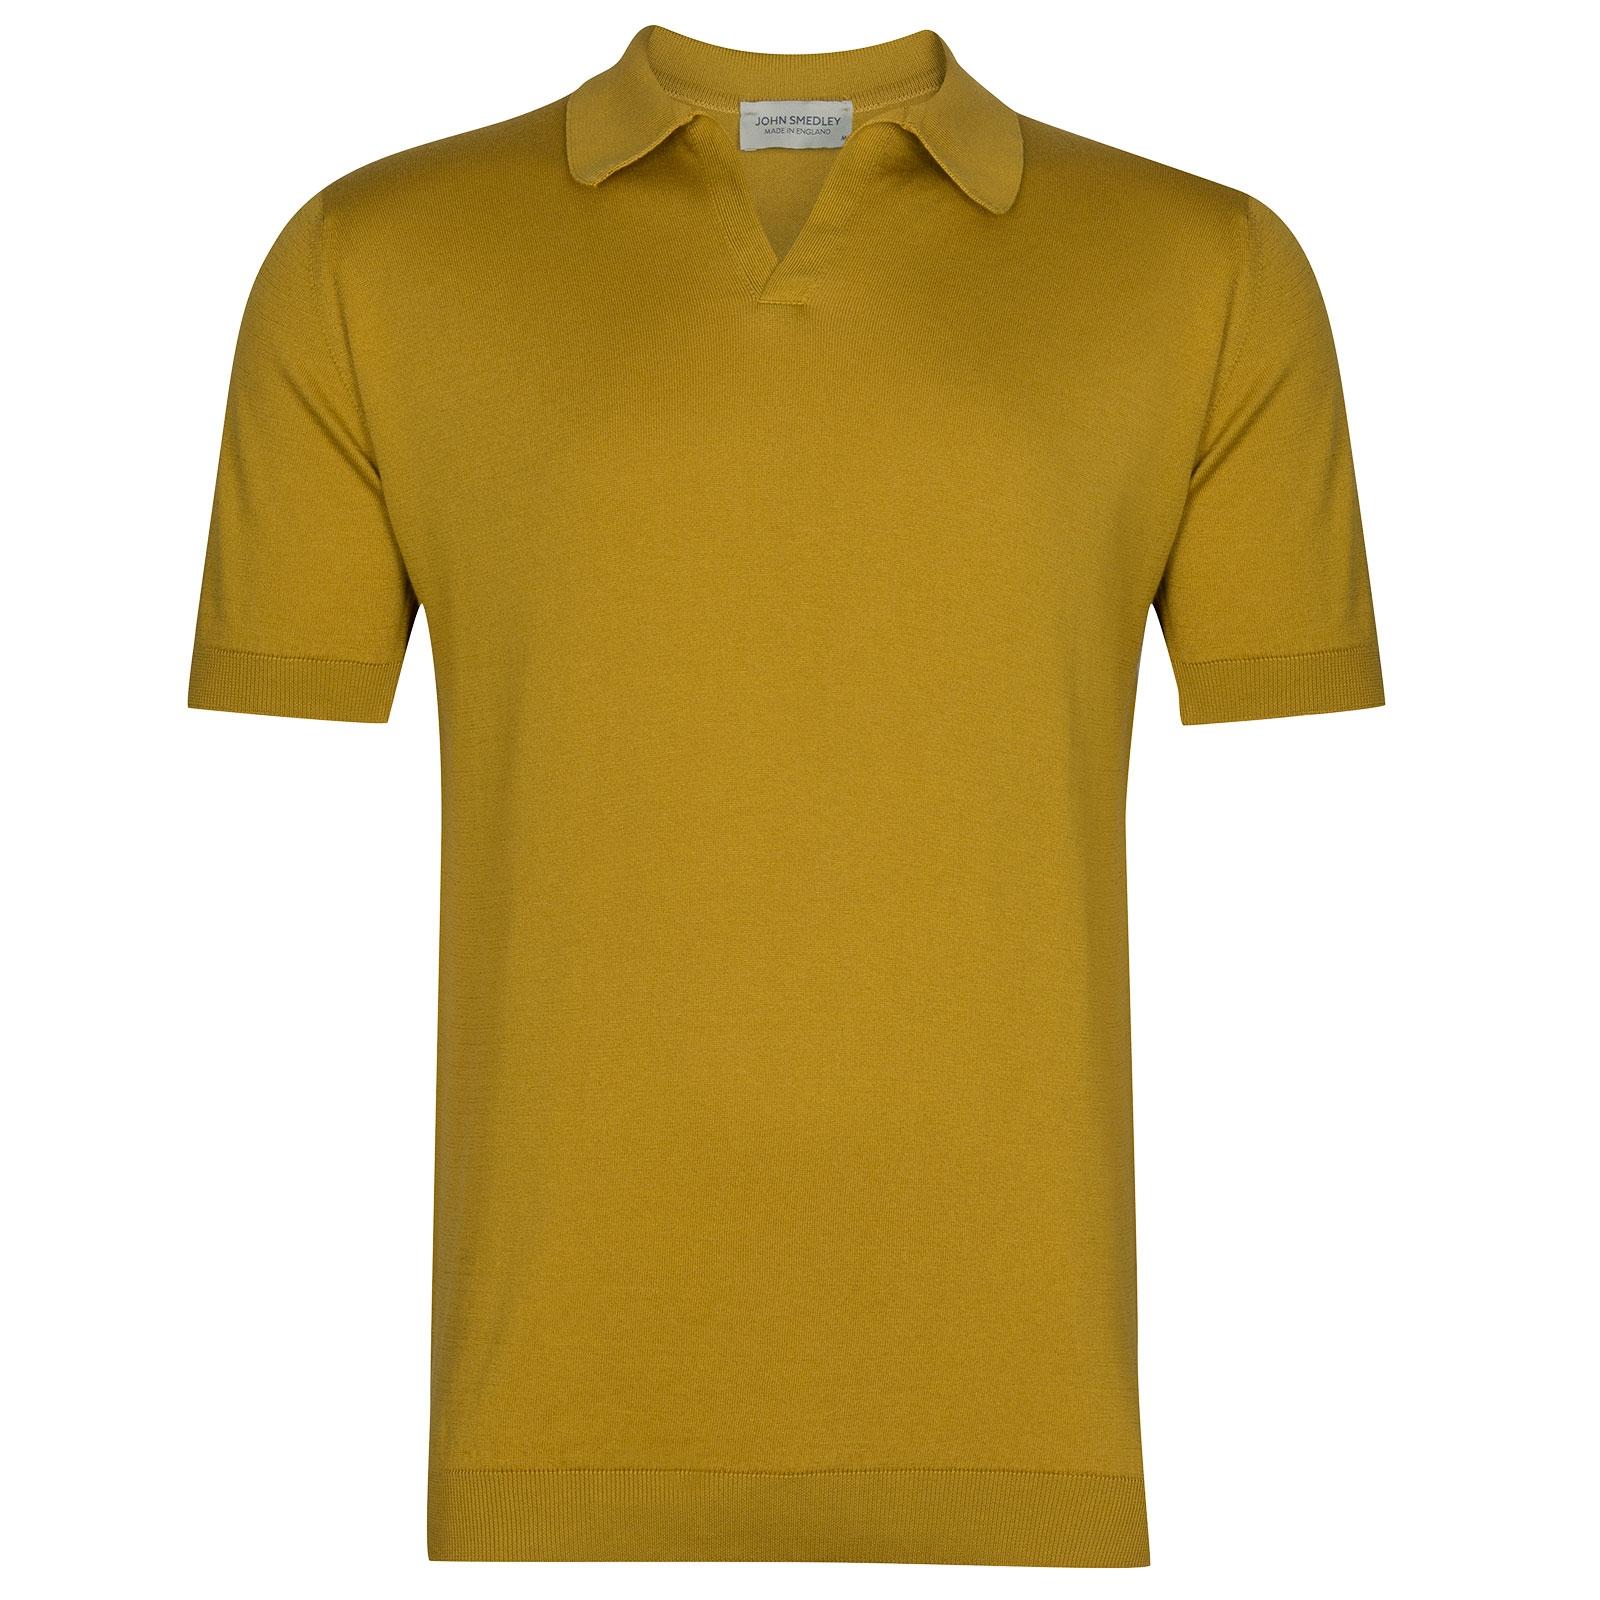 John Smedley Noah in Stamen Yellow Shirt-SML